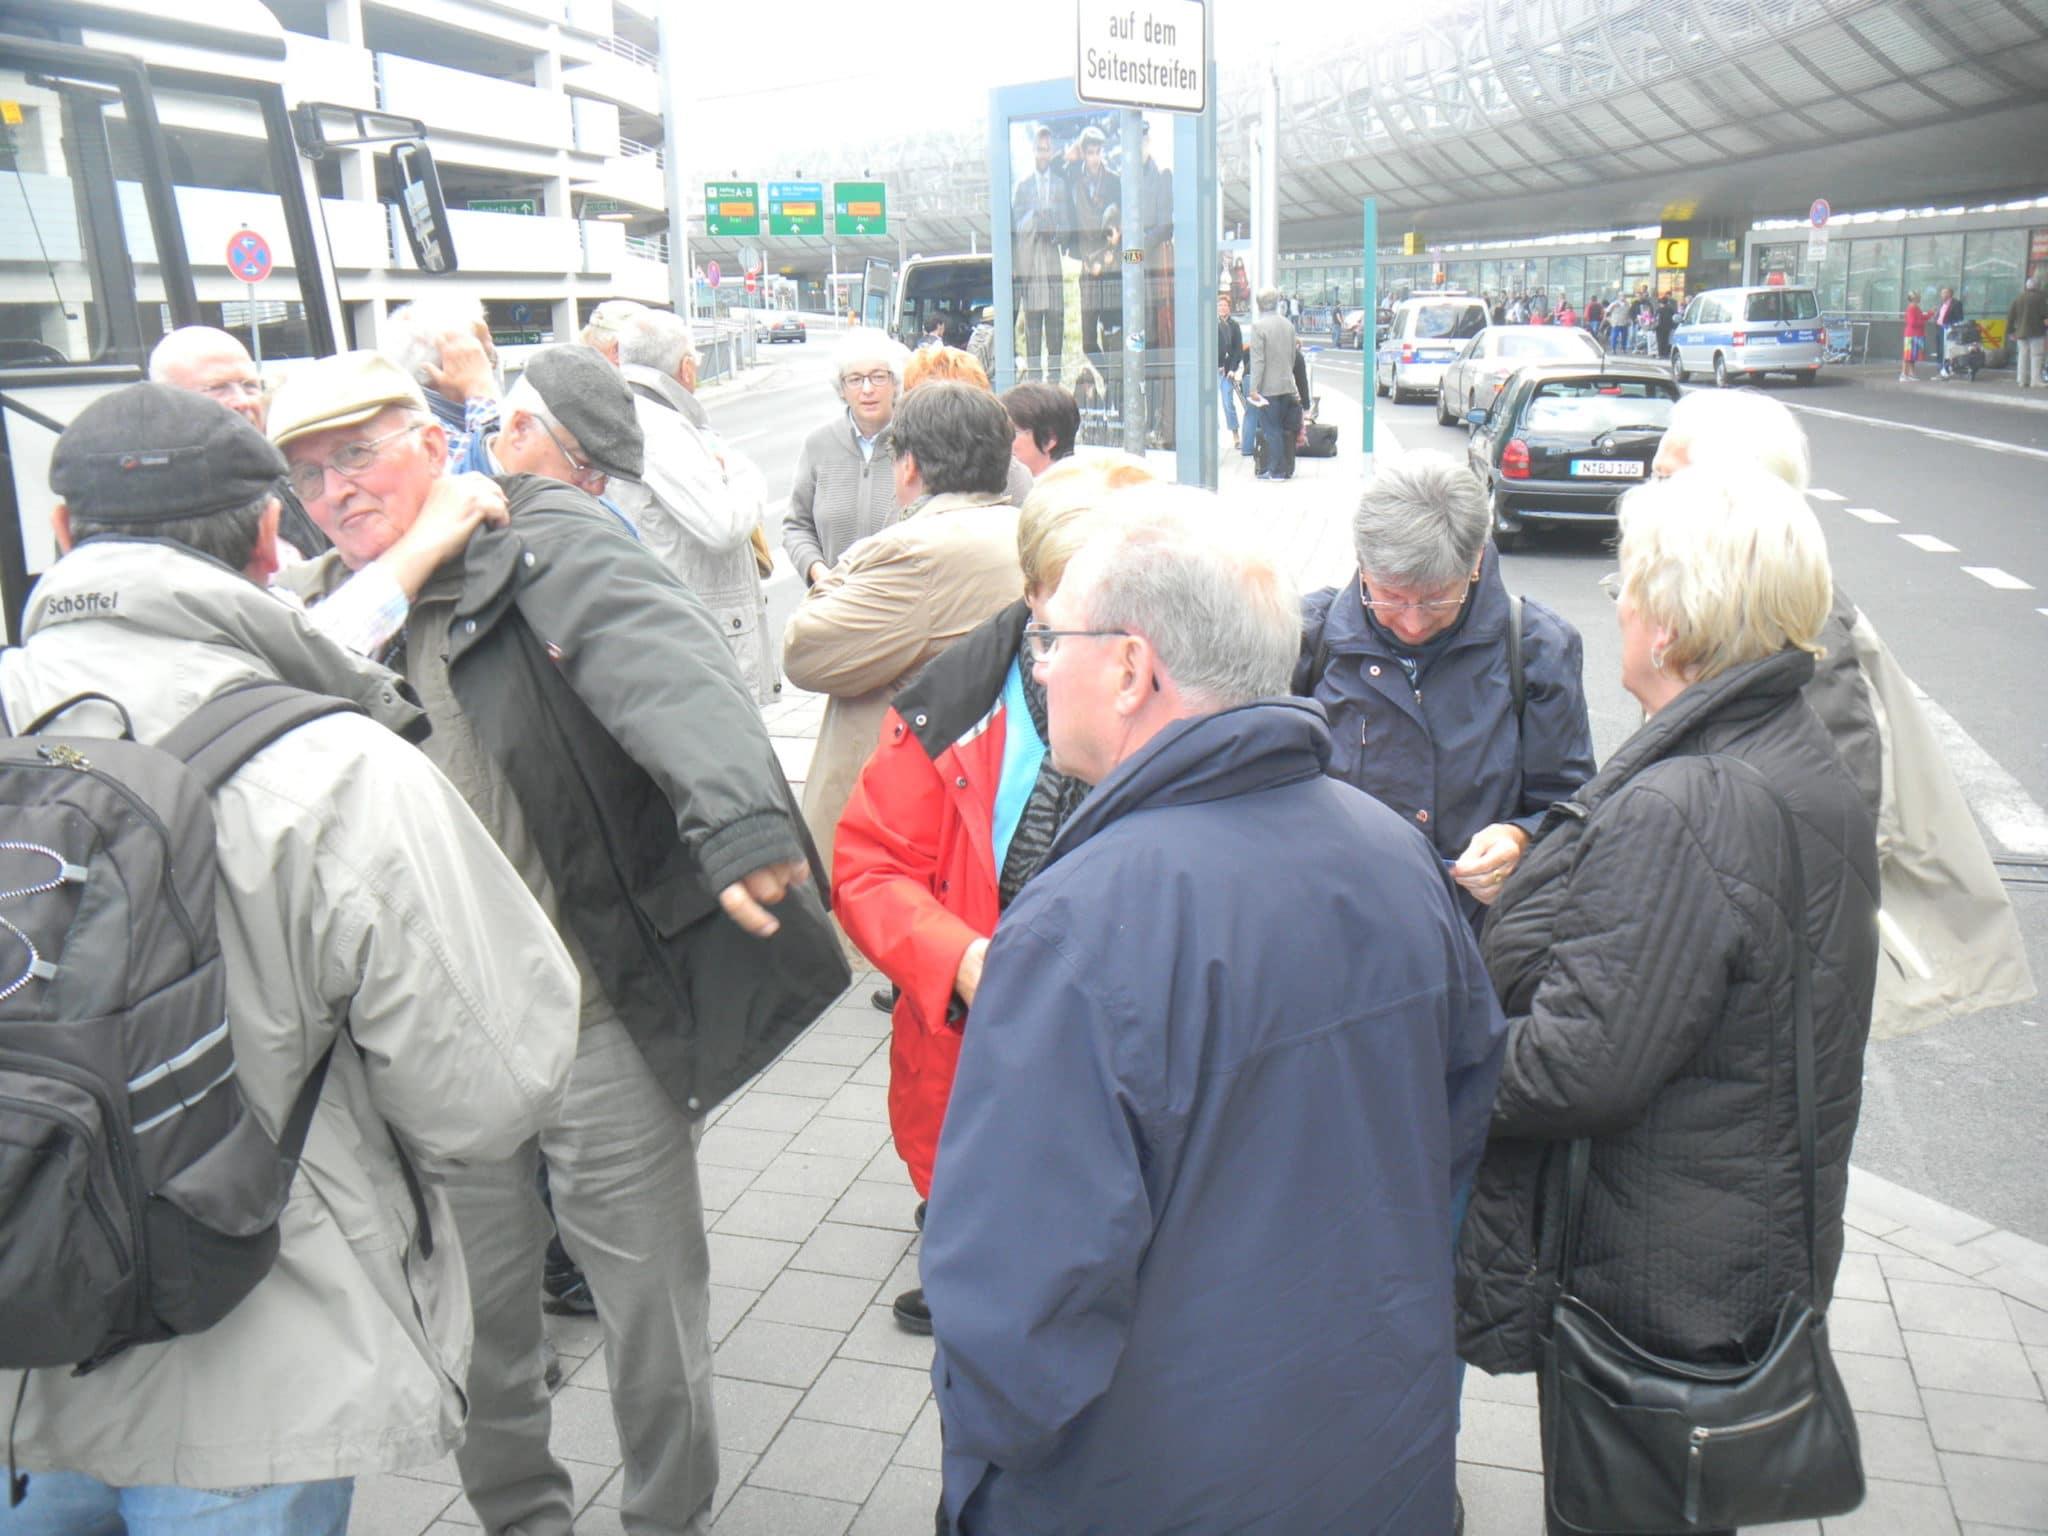 Ausflug zum Flughafen DUS 09-2012 (2)